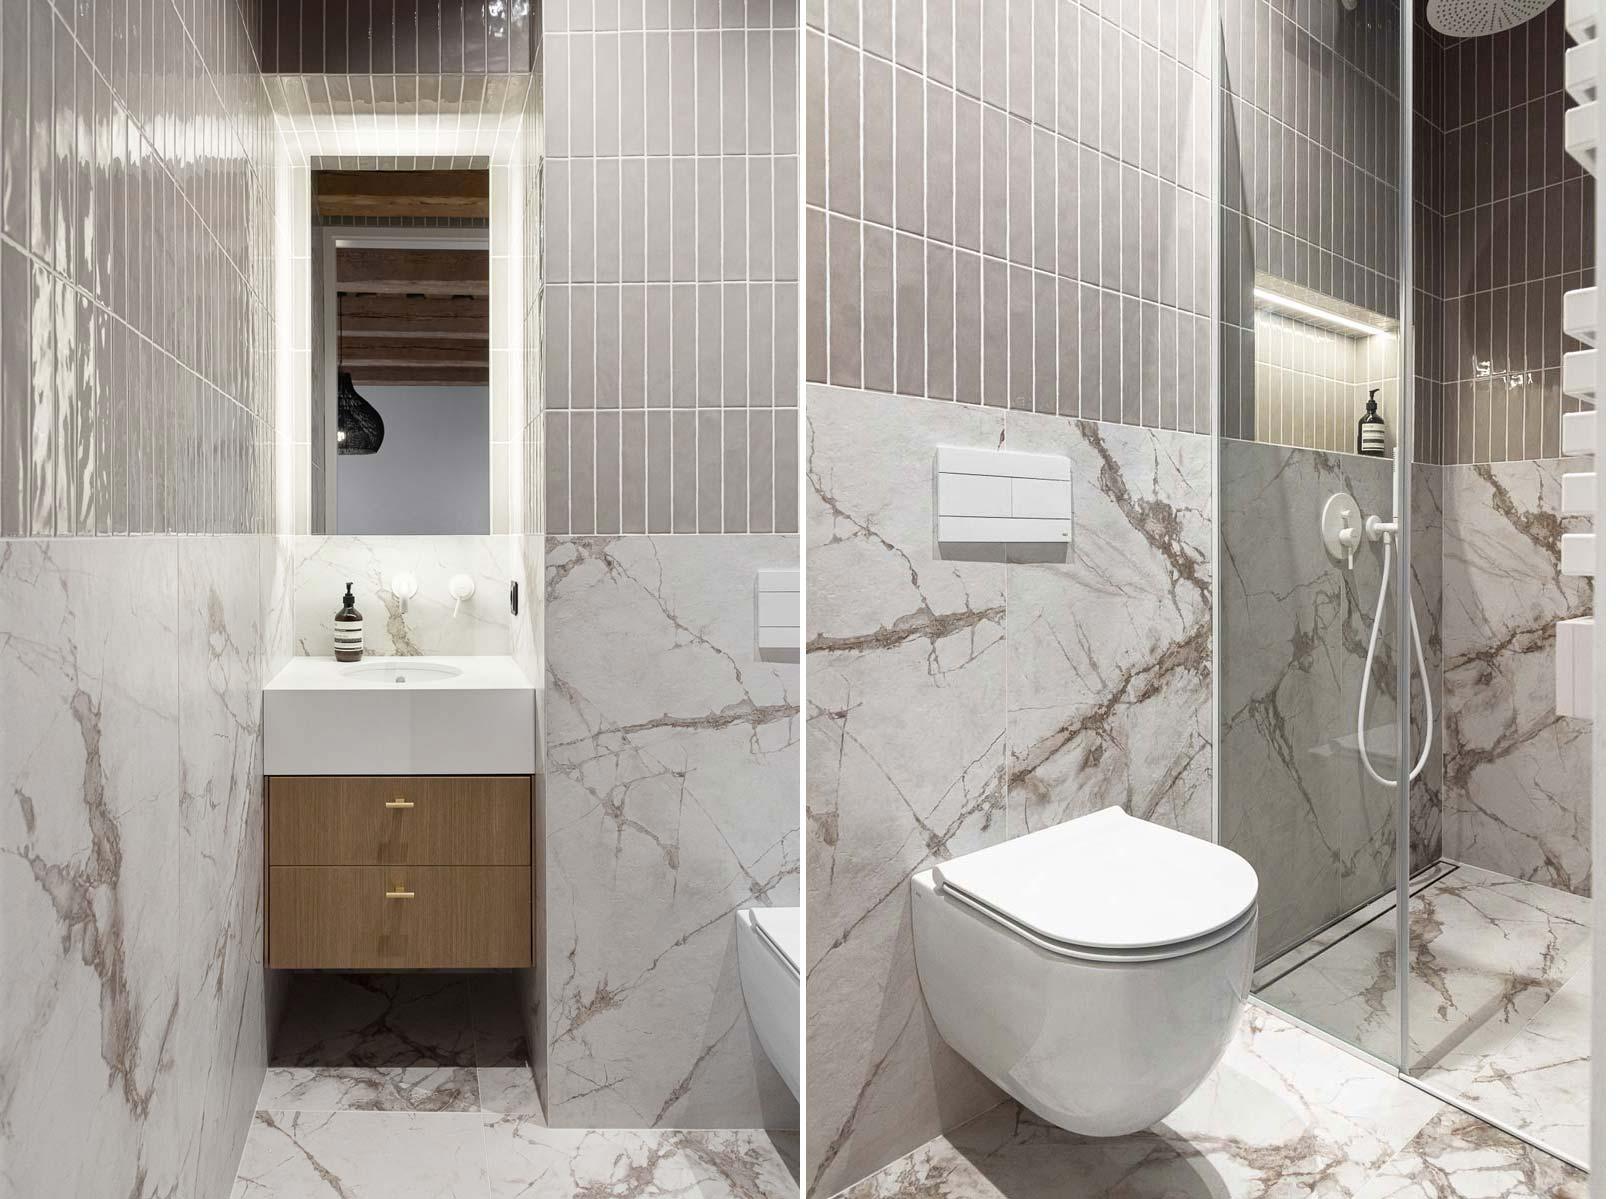 Super mooie badkamer met een bijpassend modern hangtoilet, gecombineerd met marmeren tegels. Klik hier voor de hele binnenkijker.